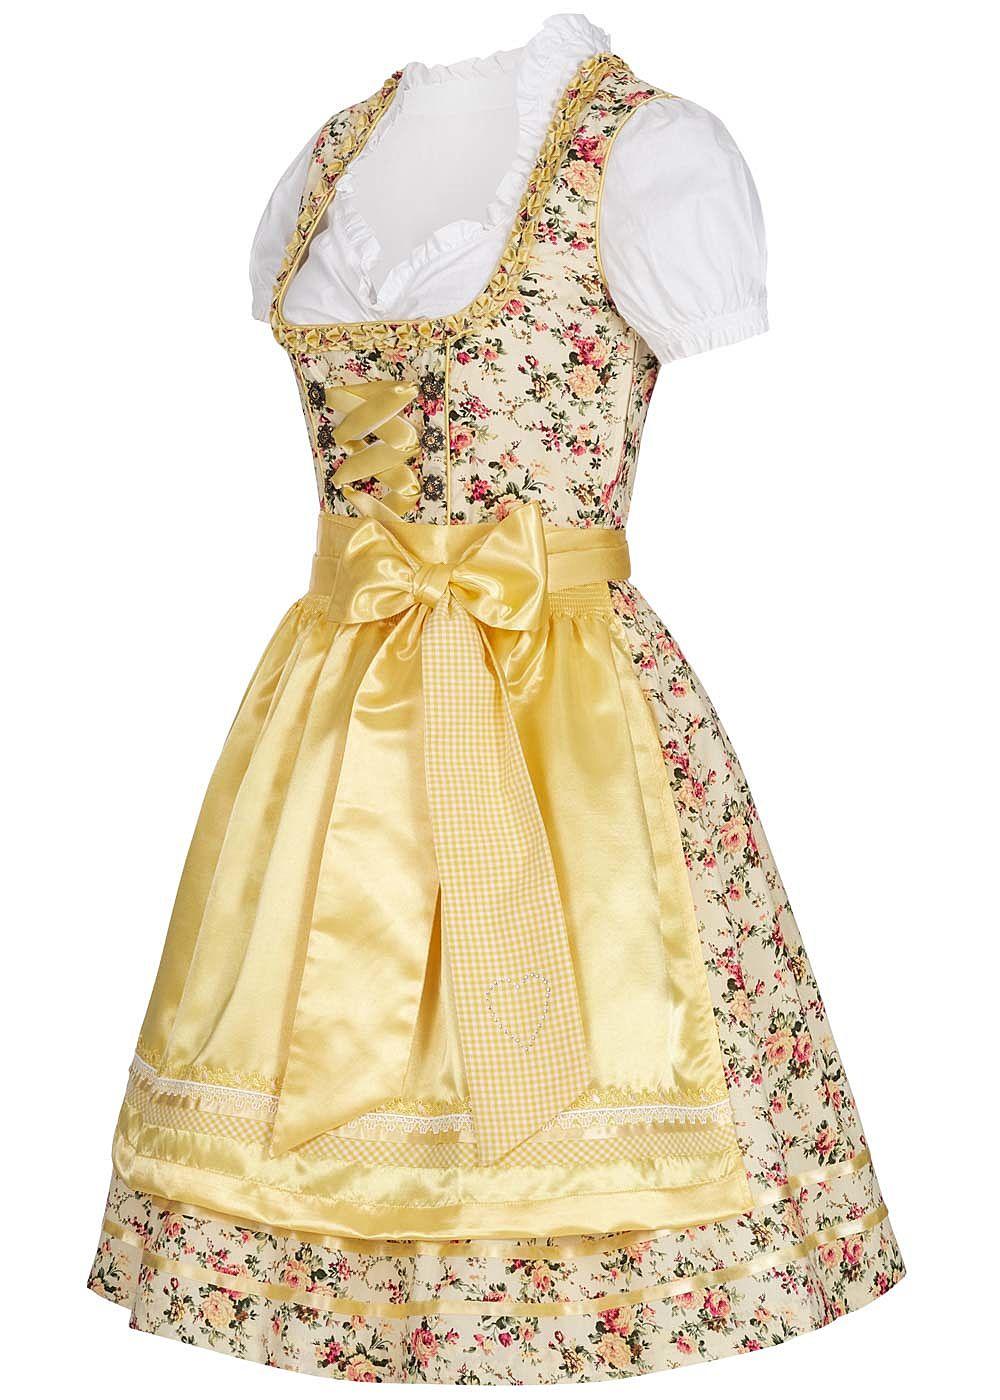 Mit Schürzeamp; Gelb Bluse Dirndl Kleid Damen Weiss Lifestyle Seventyseven yvNnPOwm08